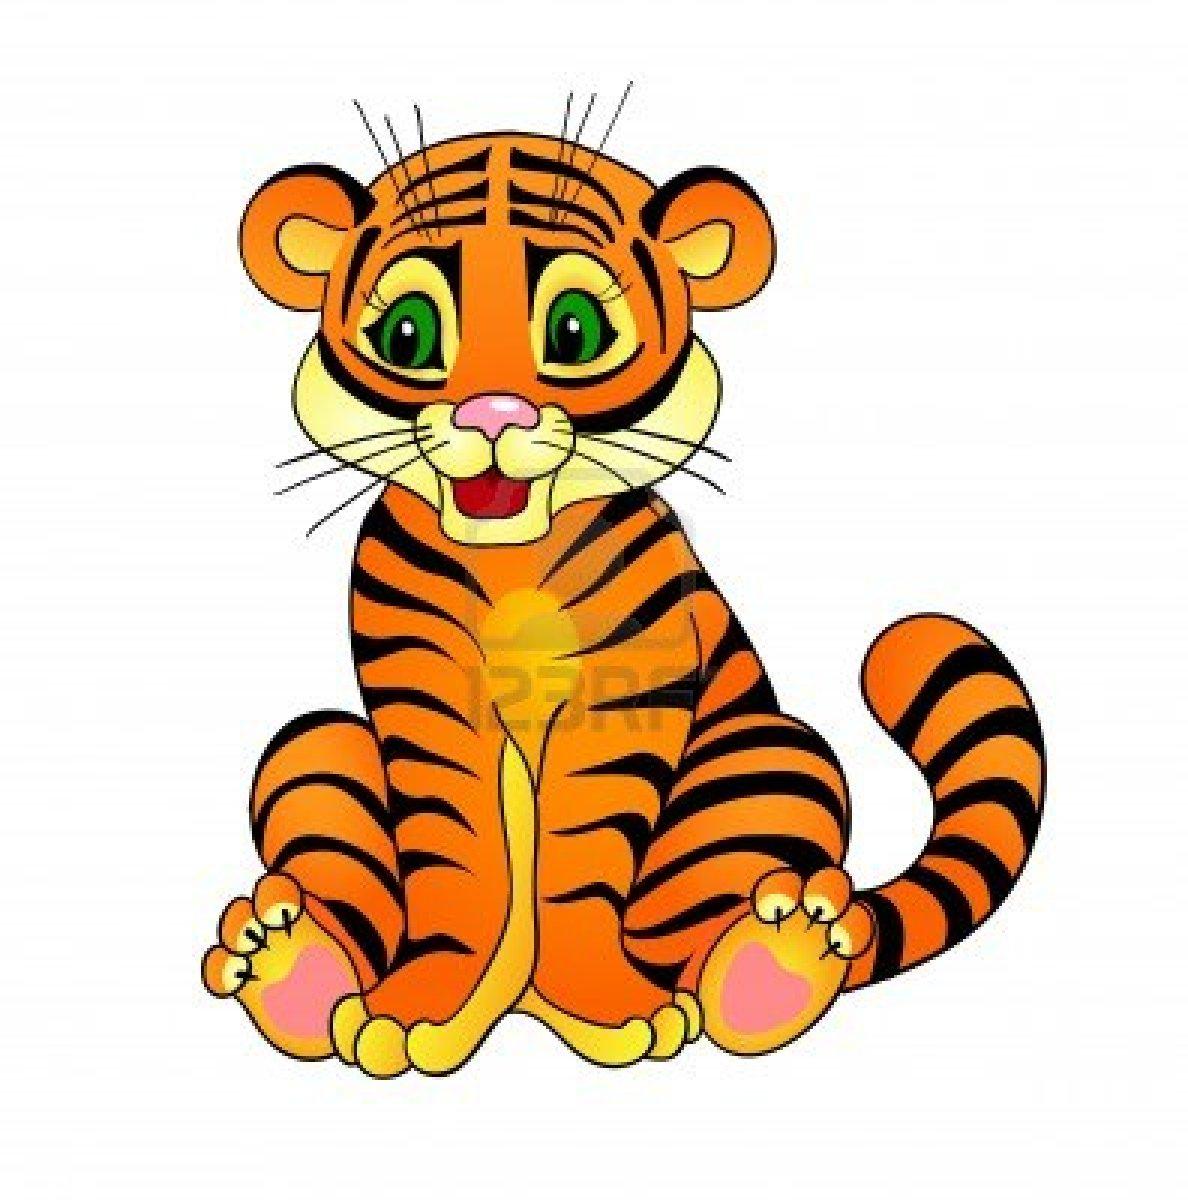 Les tigres dans les dessins anim s les tigres blancs - Image dessin tigre ...